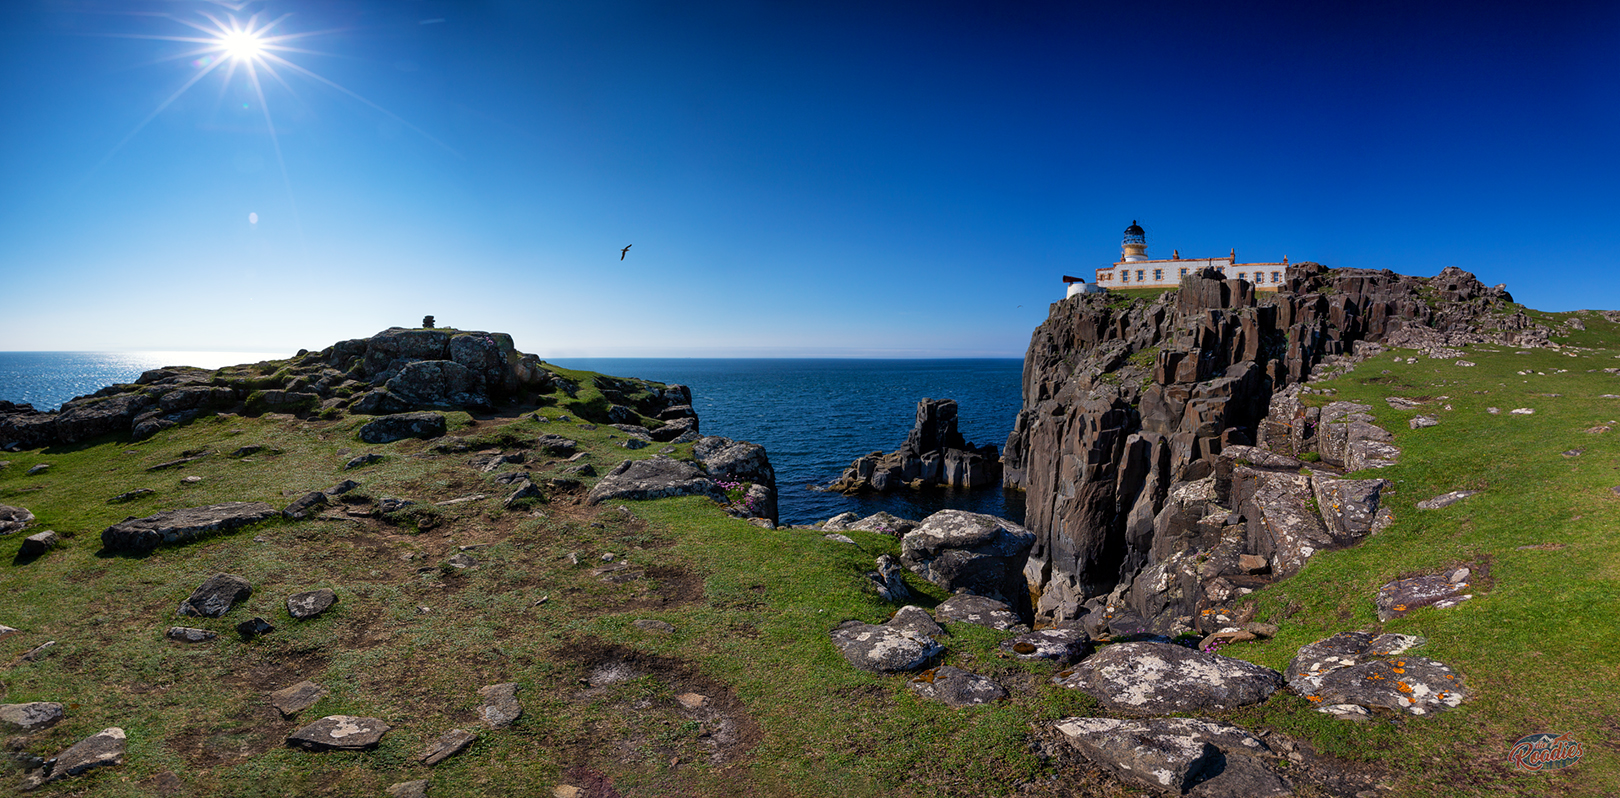 Schottland_Wohnmobil_Erfahrungen_Neist Point_Isle of Skye